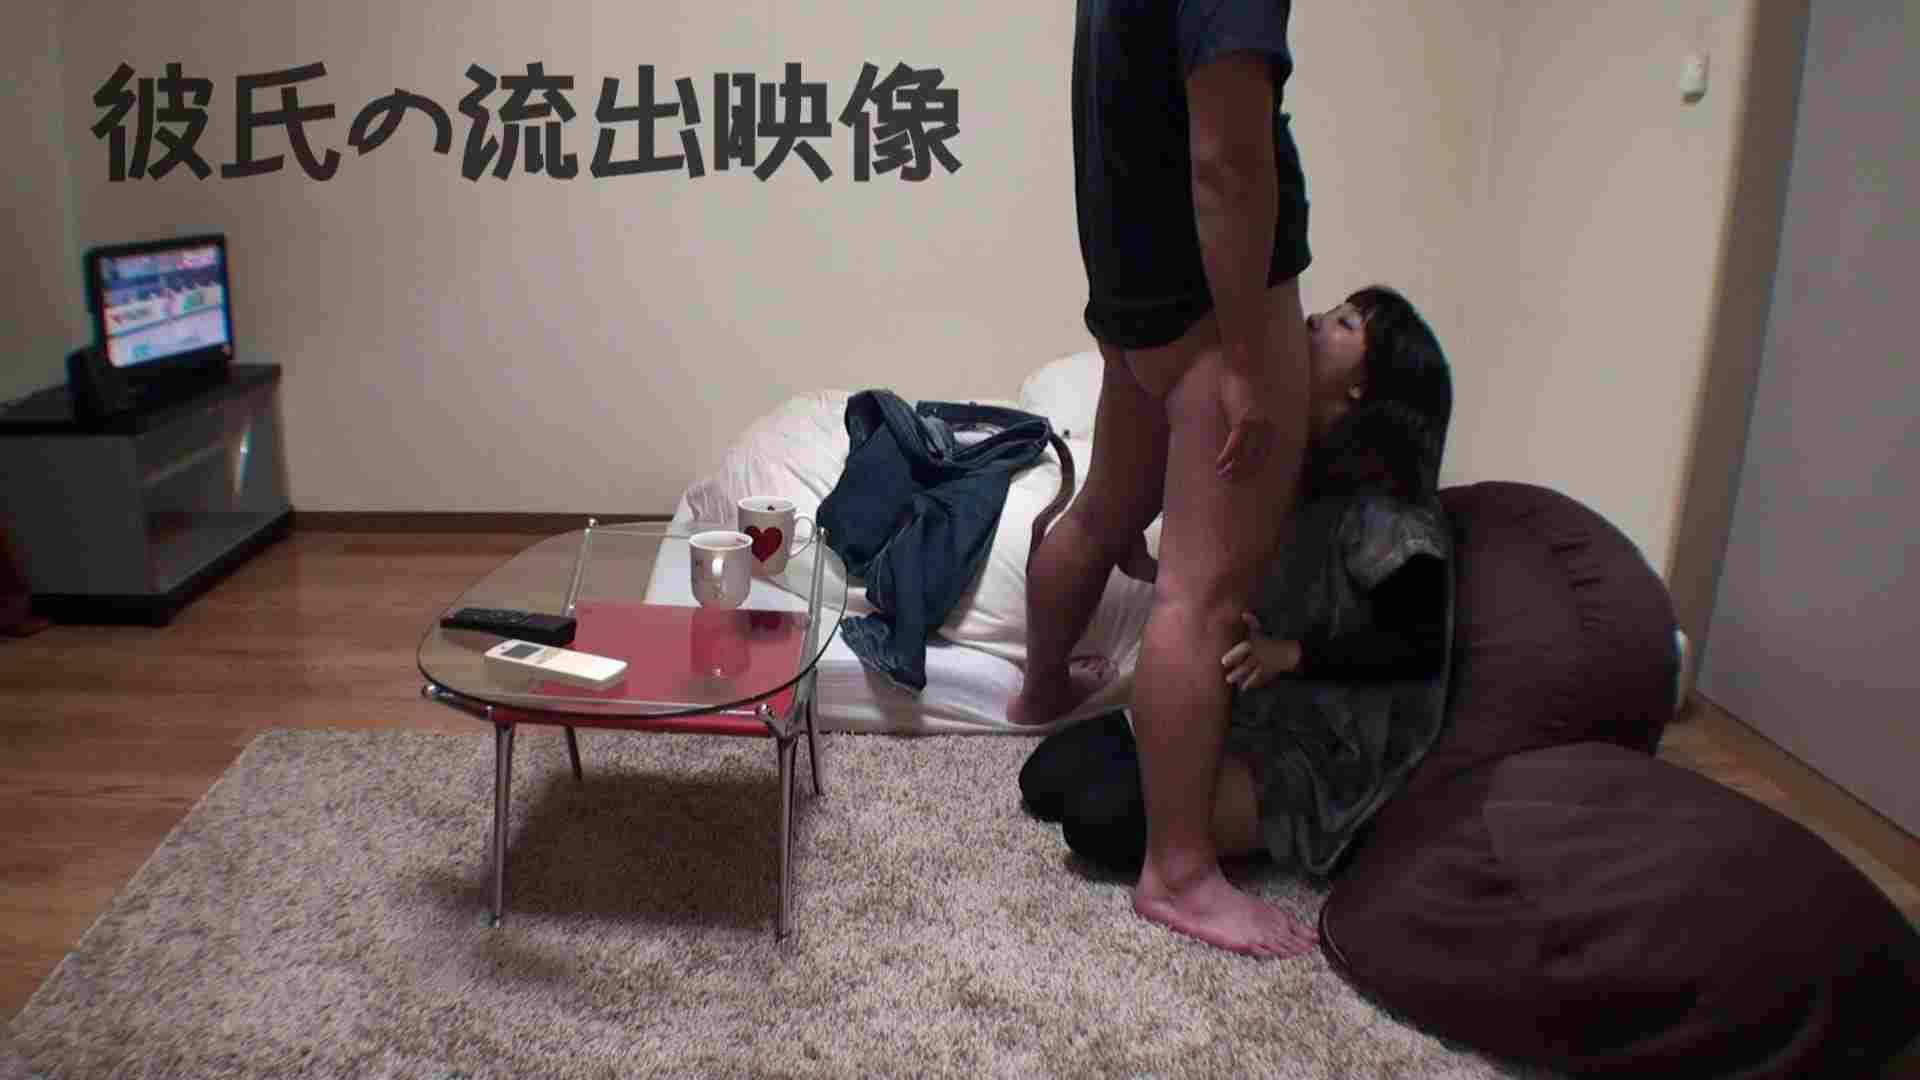 彼氏が流出 パイパン素人嬢のハメ撮り映像02 フェラ セックス画像 90連発 20